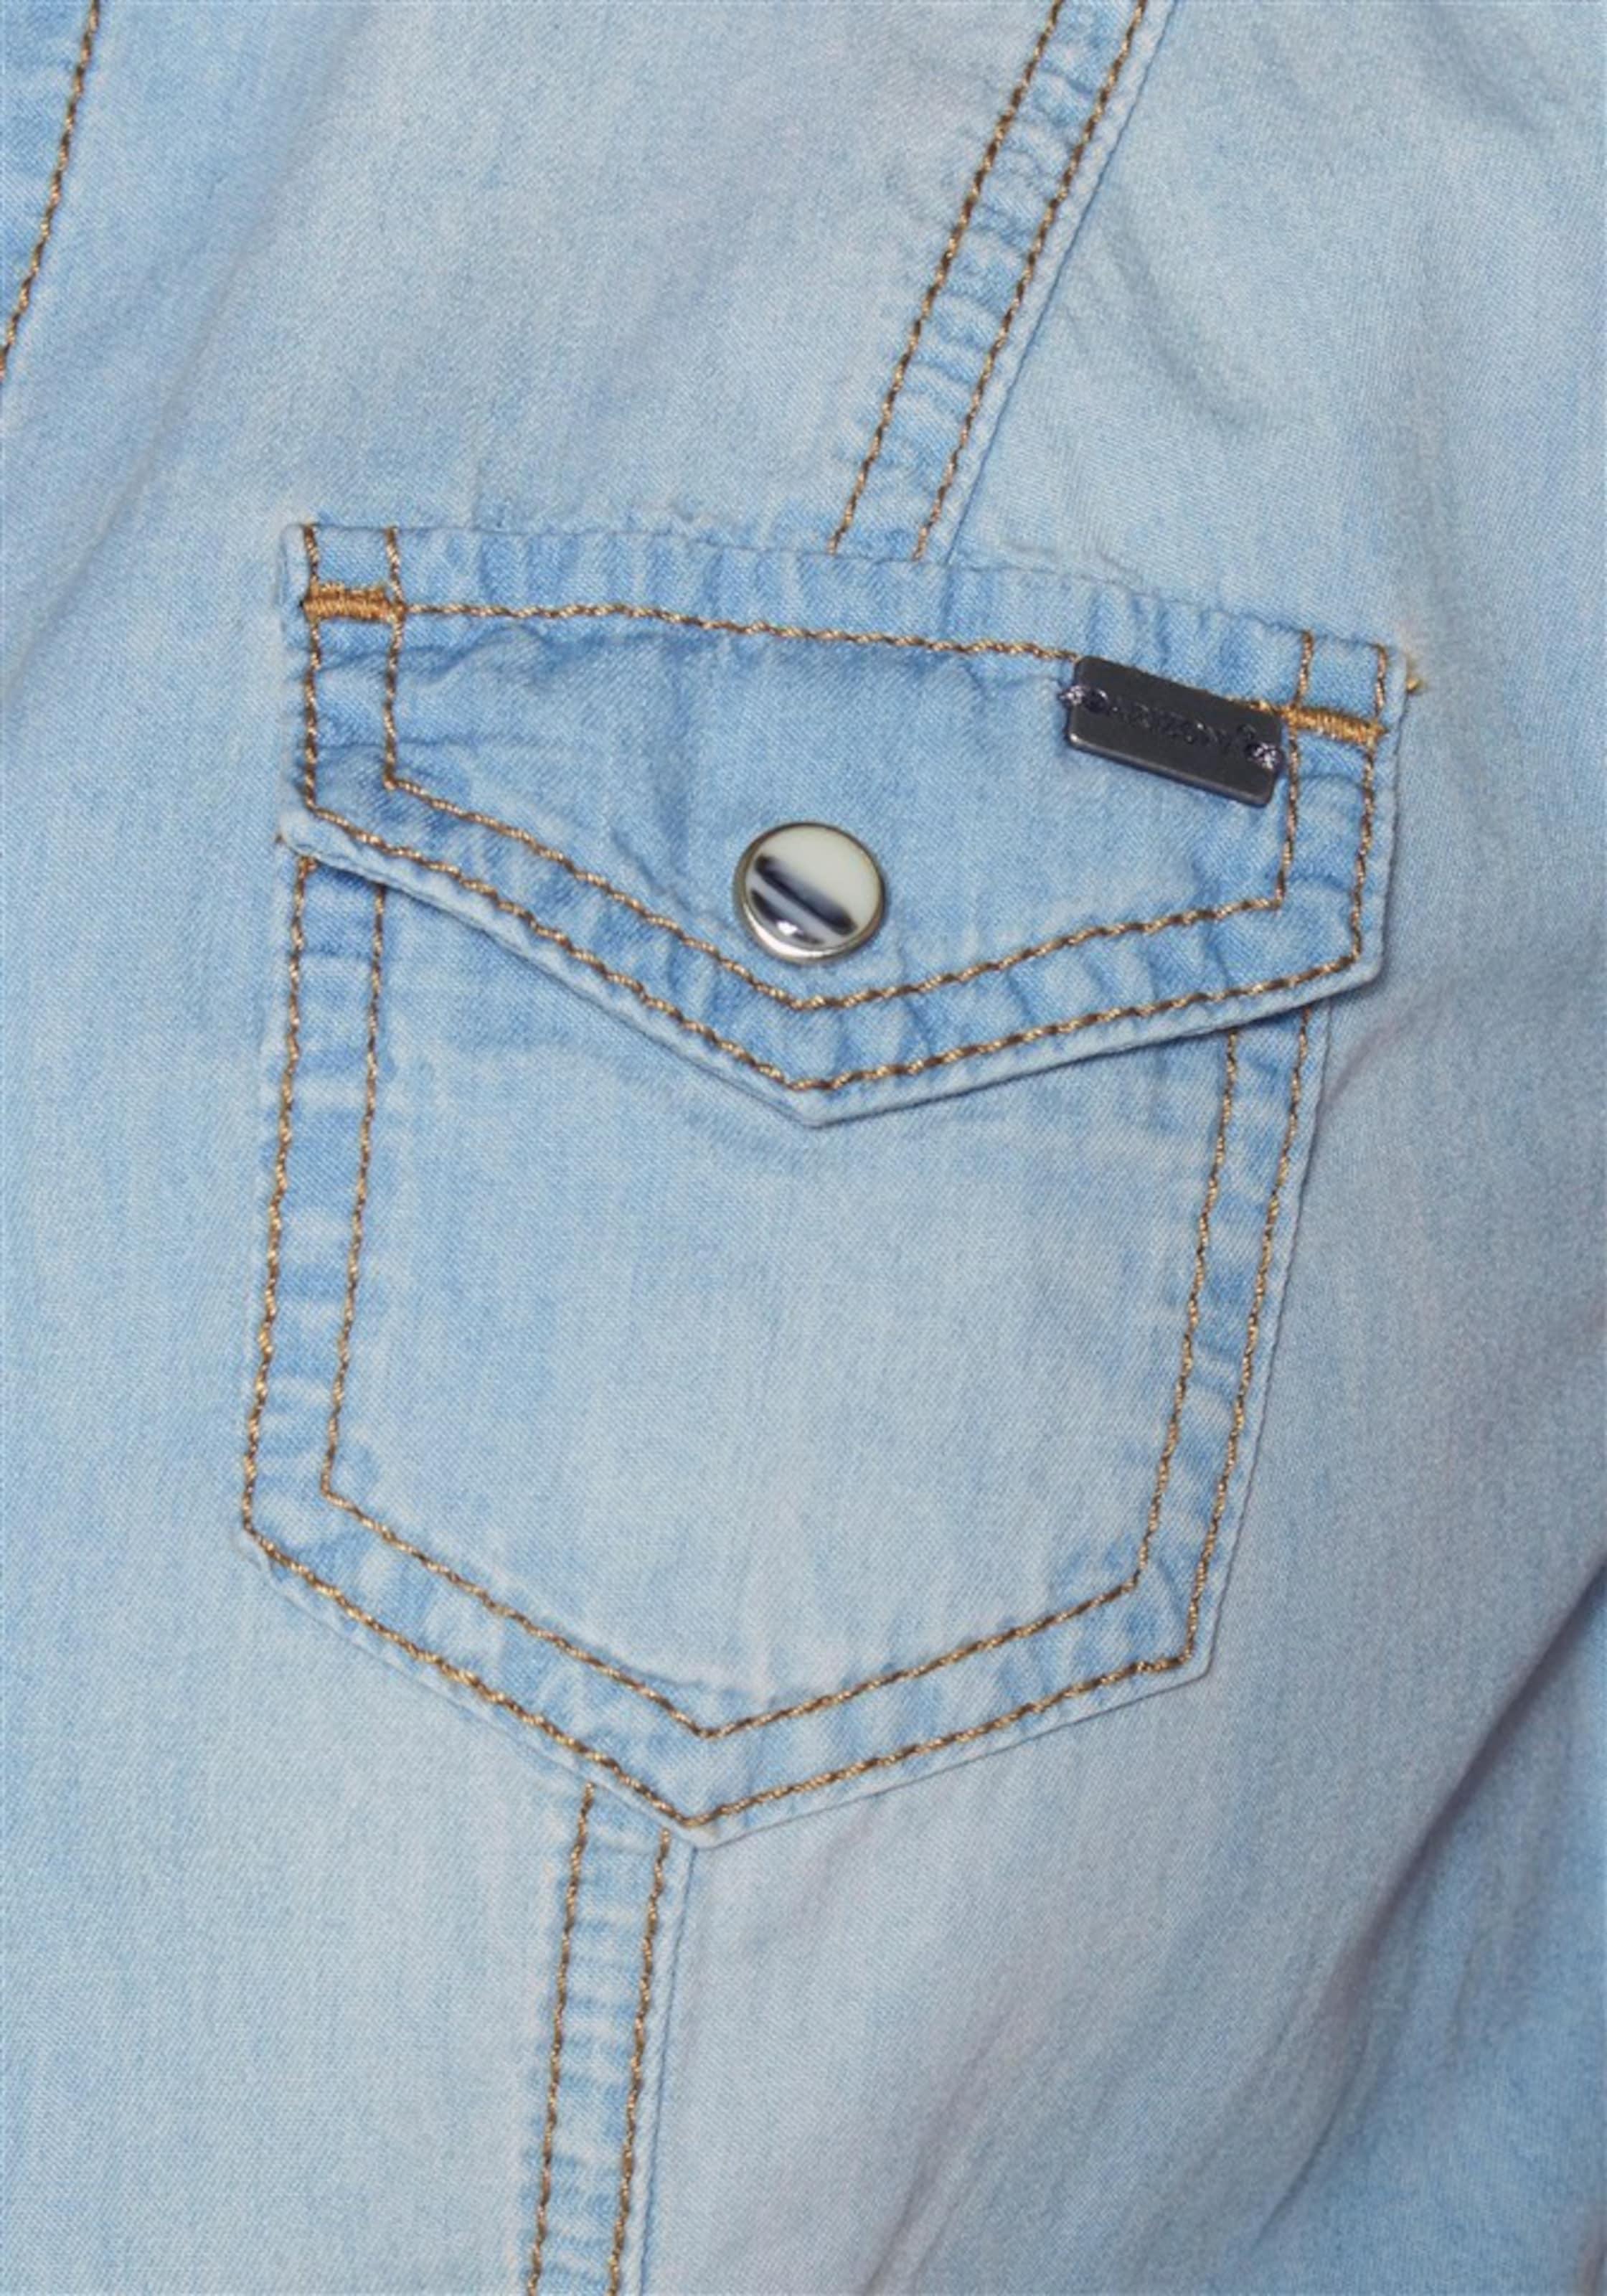 Blue Arizona In Jeanshemd Denim In Blue Denim Jeanshemd Arizona Arizona 5KTculJF13